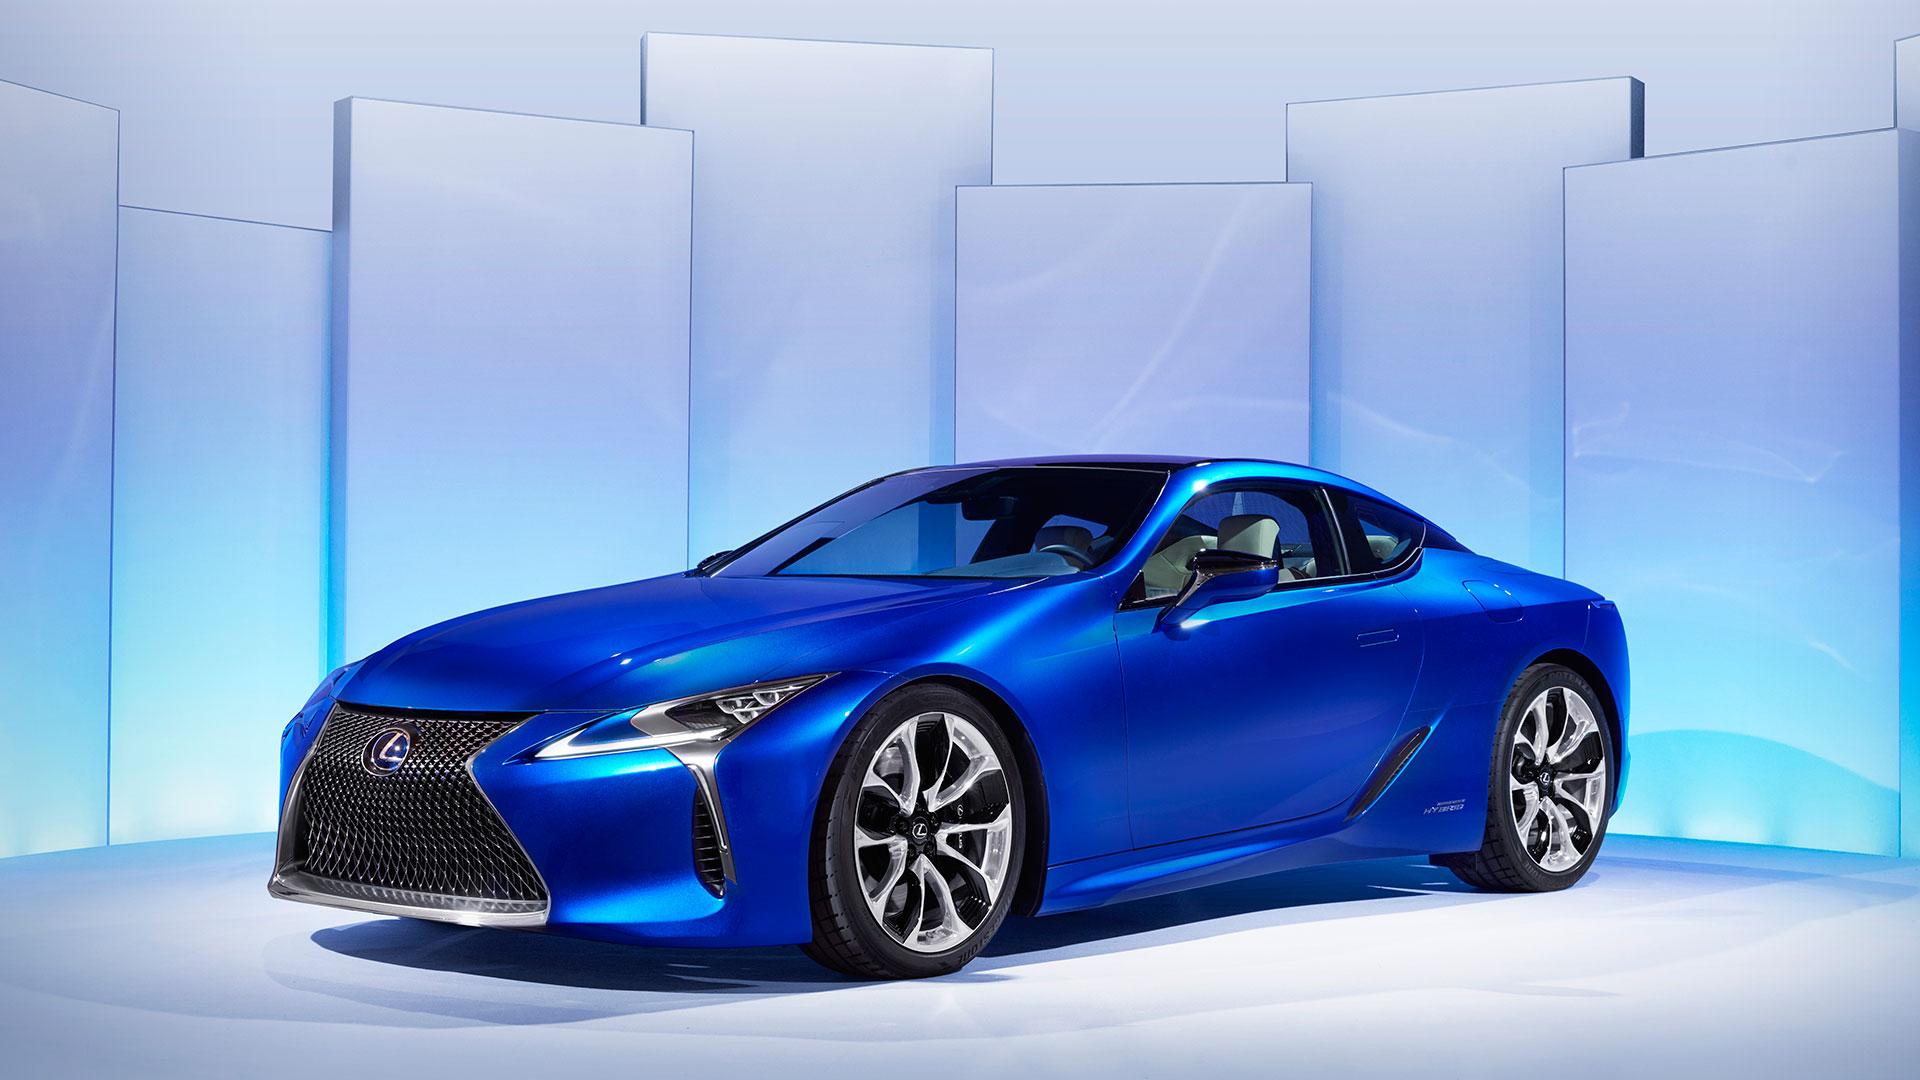 Lexus Ginebra 2016 hero asset